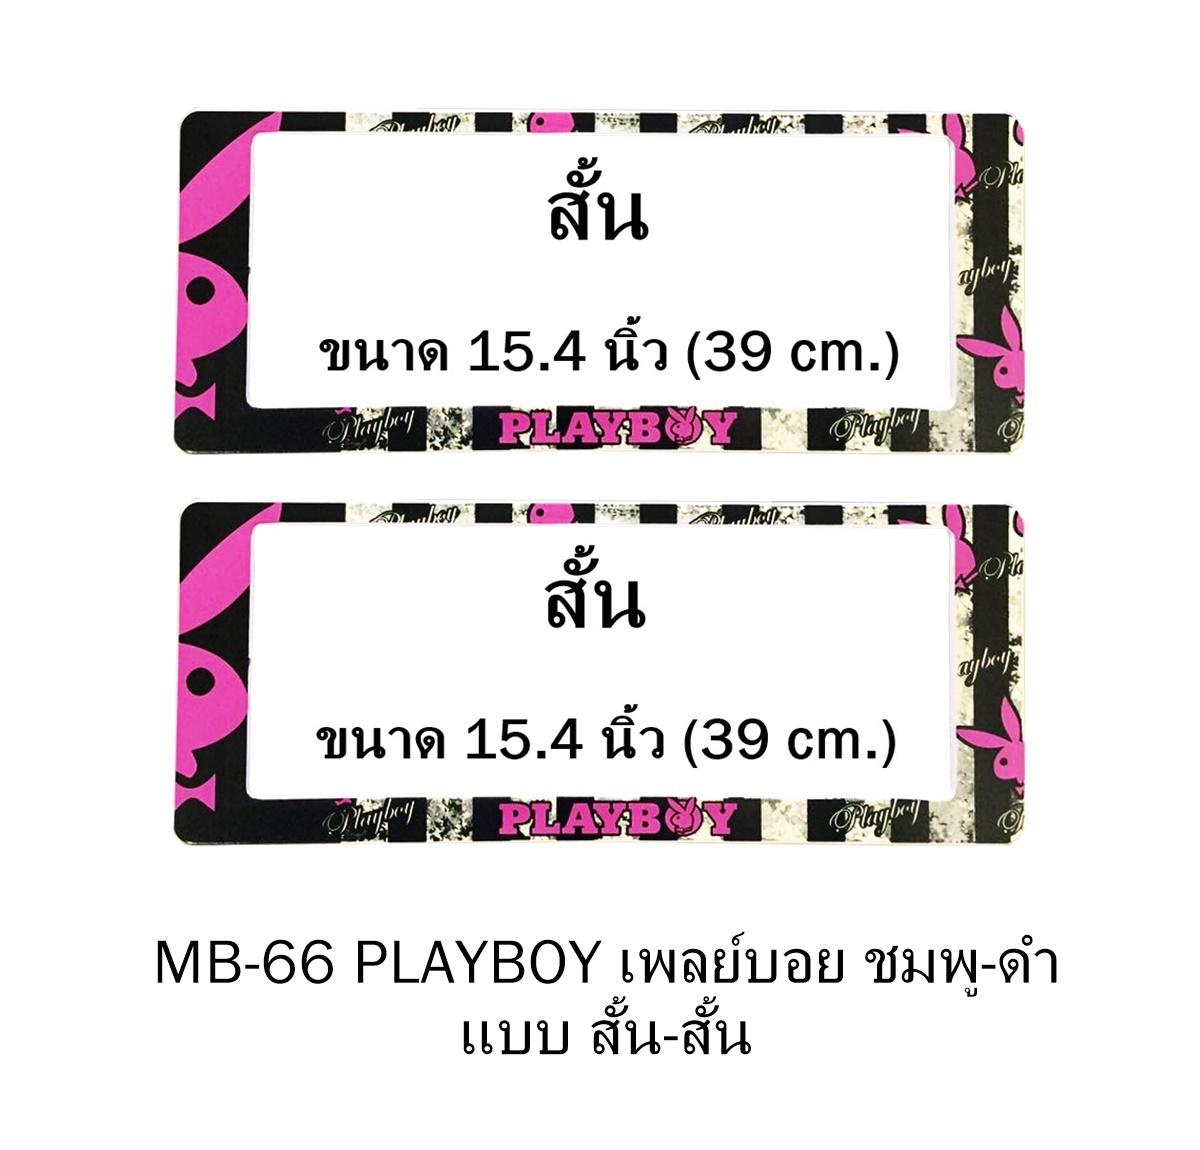 กรอบป้ายทะเบียน กันน้ำ MB-66 PLAYBOY PINK ชมพูดำ สั้นสั้น รุ่น SP7 ระบบล็อค8จุด อะไหล่ครบ